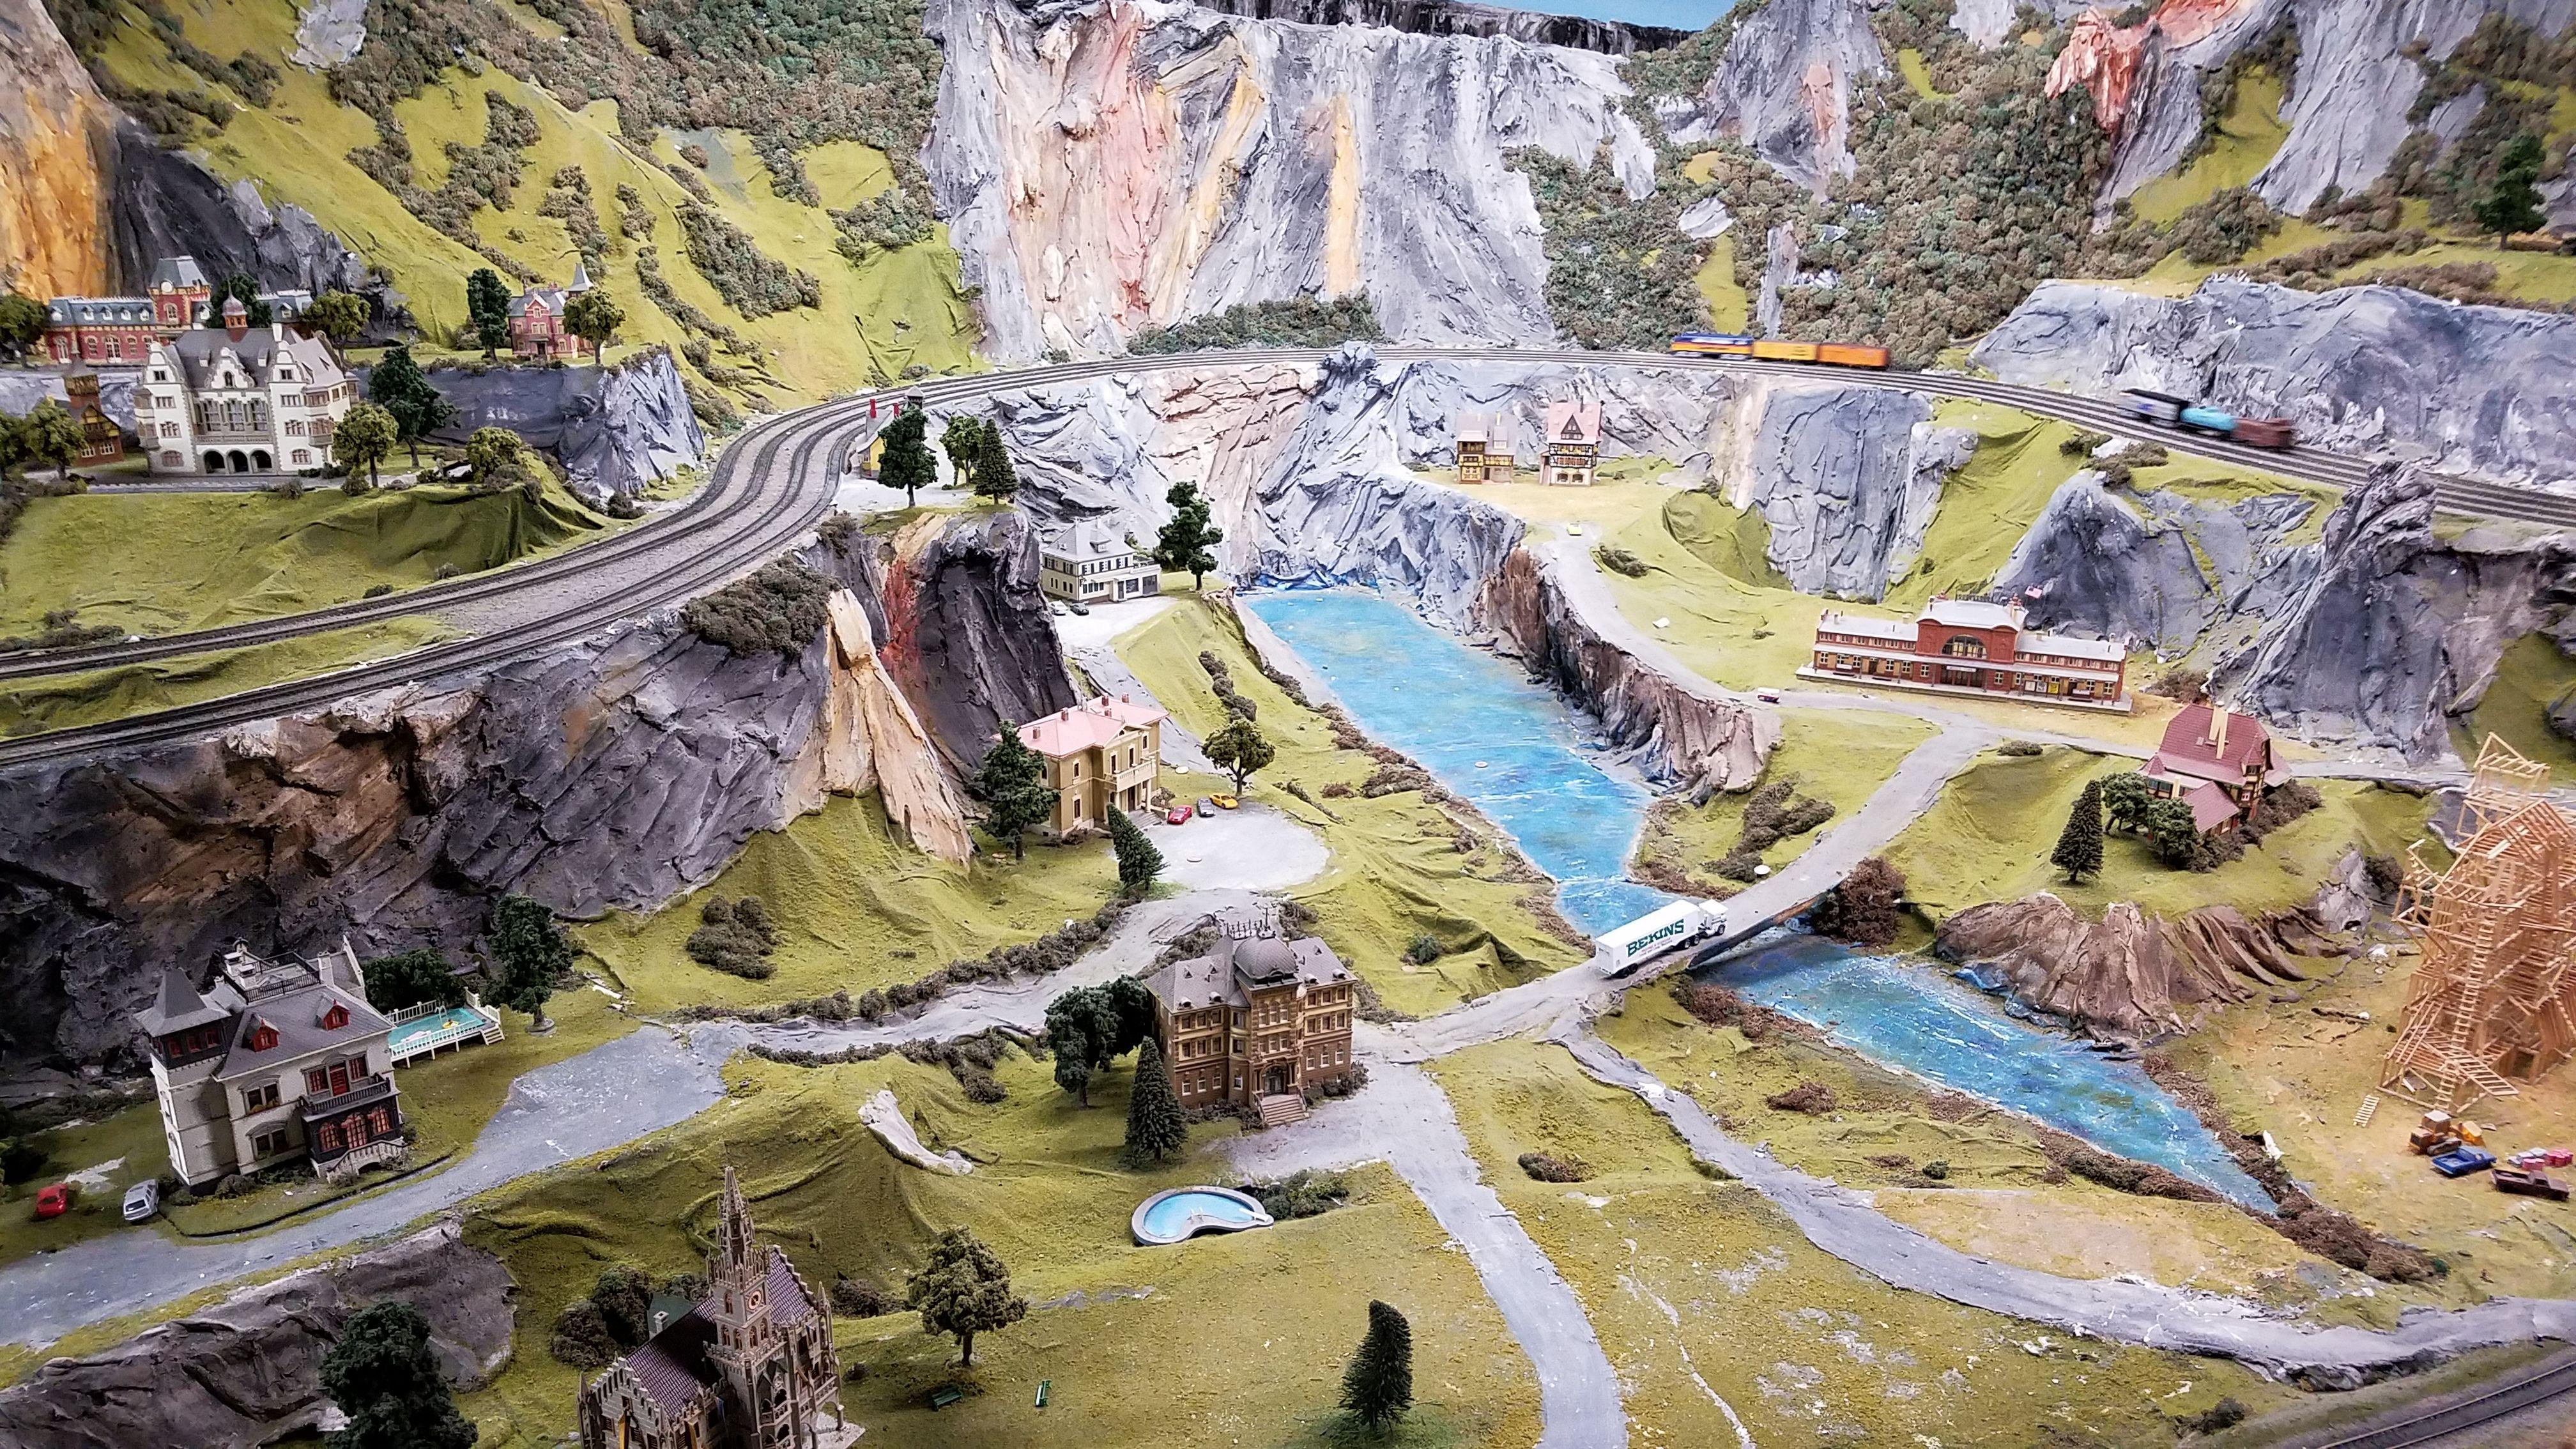 Beautiful Click Of The Northlandz Miniature Wonderland Scene Book Your Trip Now Www Northlandz Com Tickets Northlandz Miniature Weekend Trips Z Trip Trip